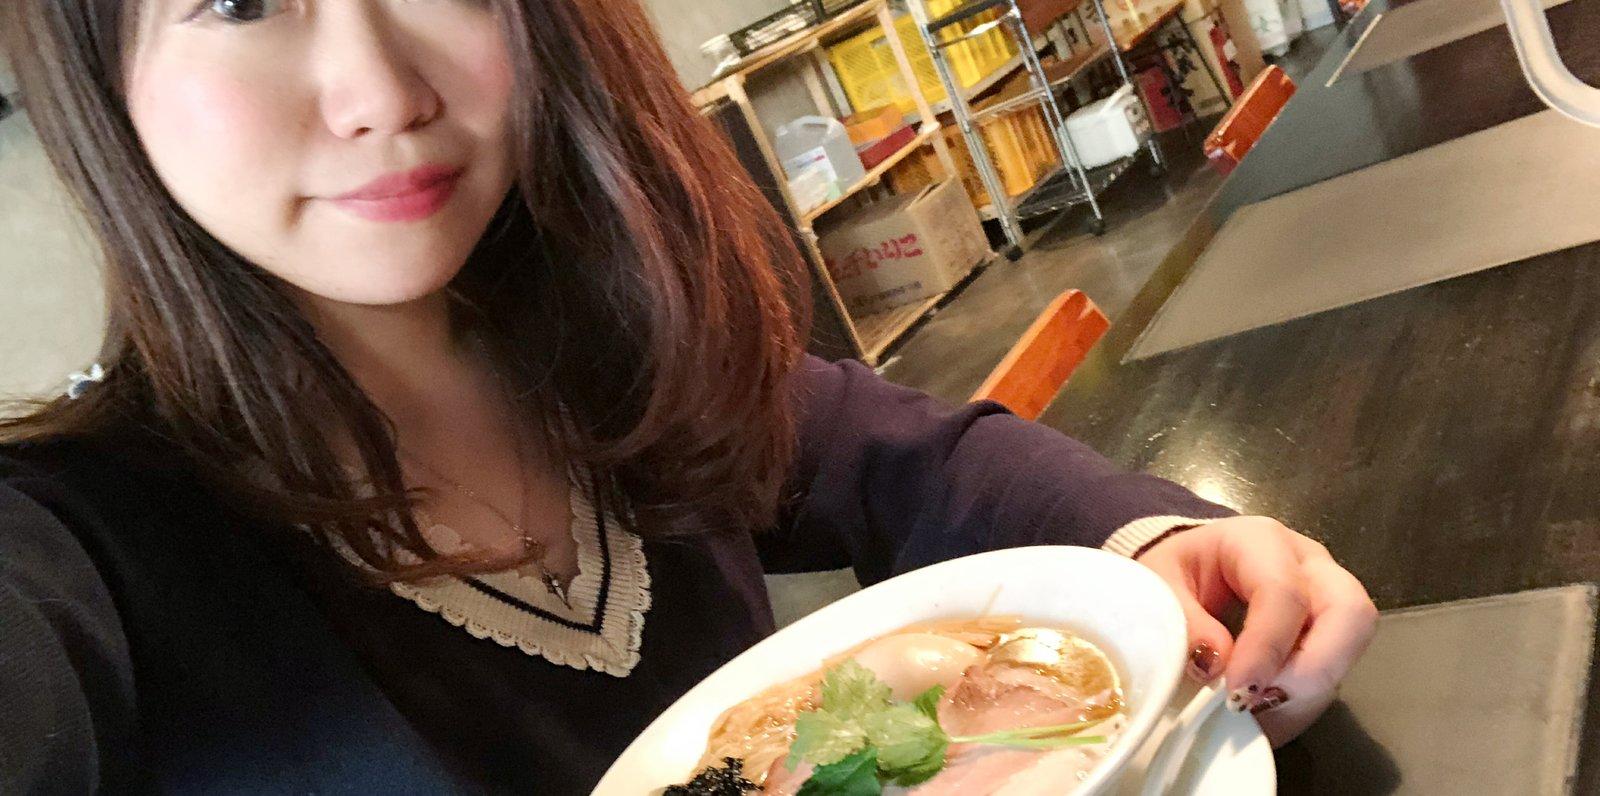 カネキッチン ヌードル (KaneKitchen Noodles)